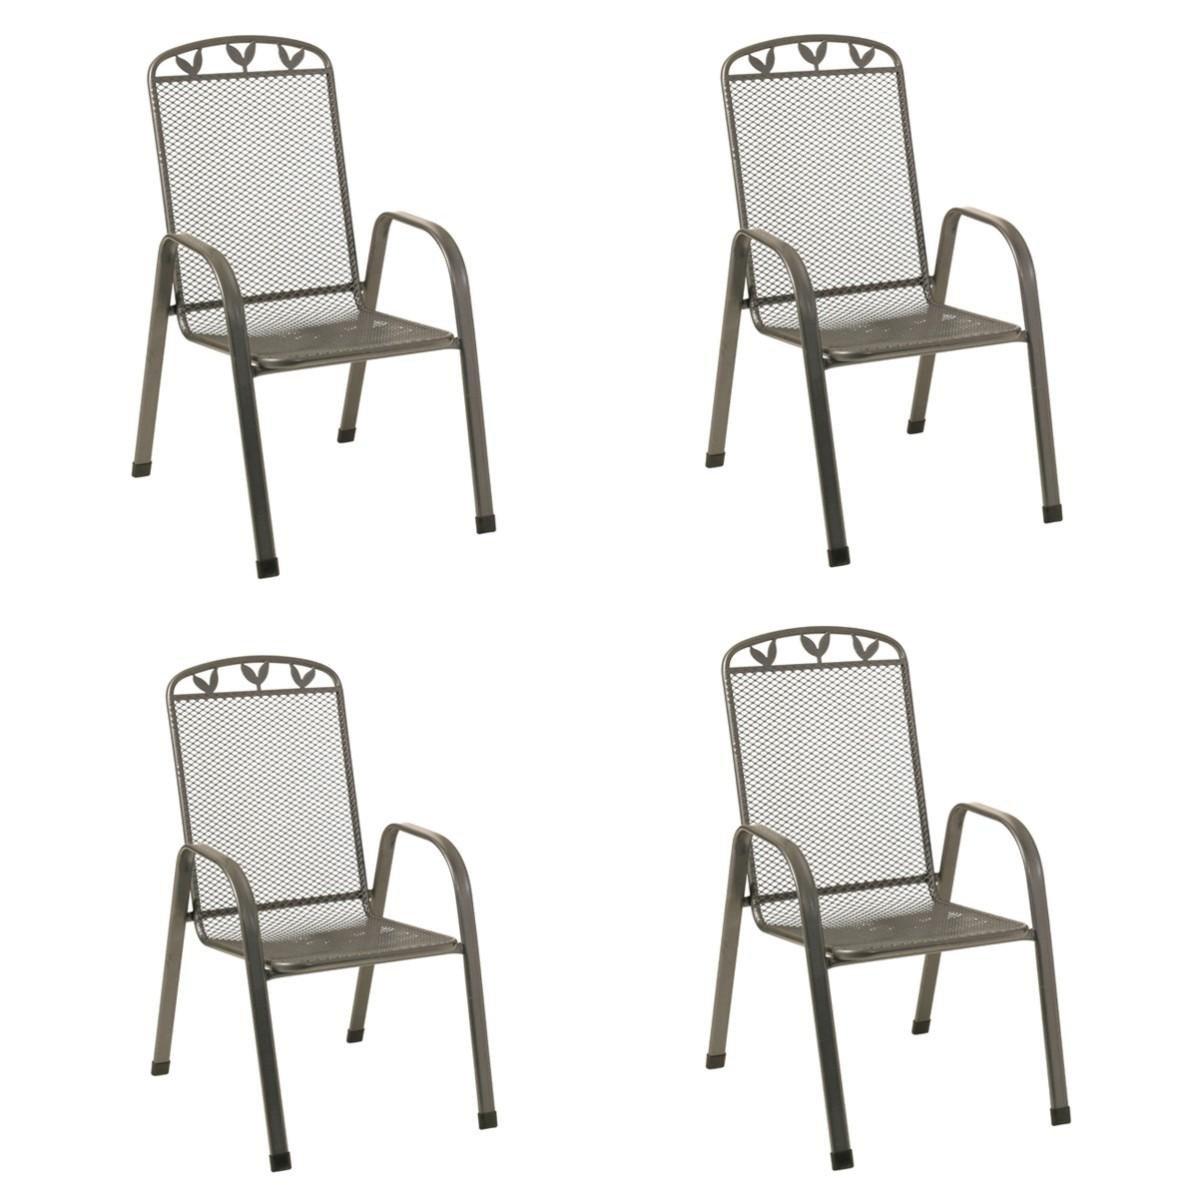 Stapelstühle Toulouse 4Stück Streckmetall Gartenstühle Stapelstuhl Gartenmöbel günstig online kaufen